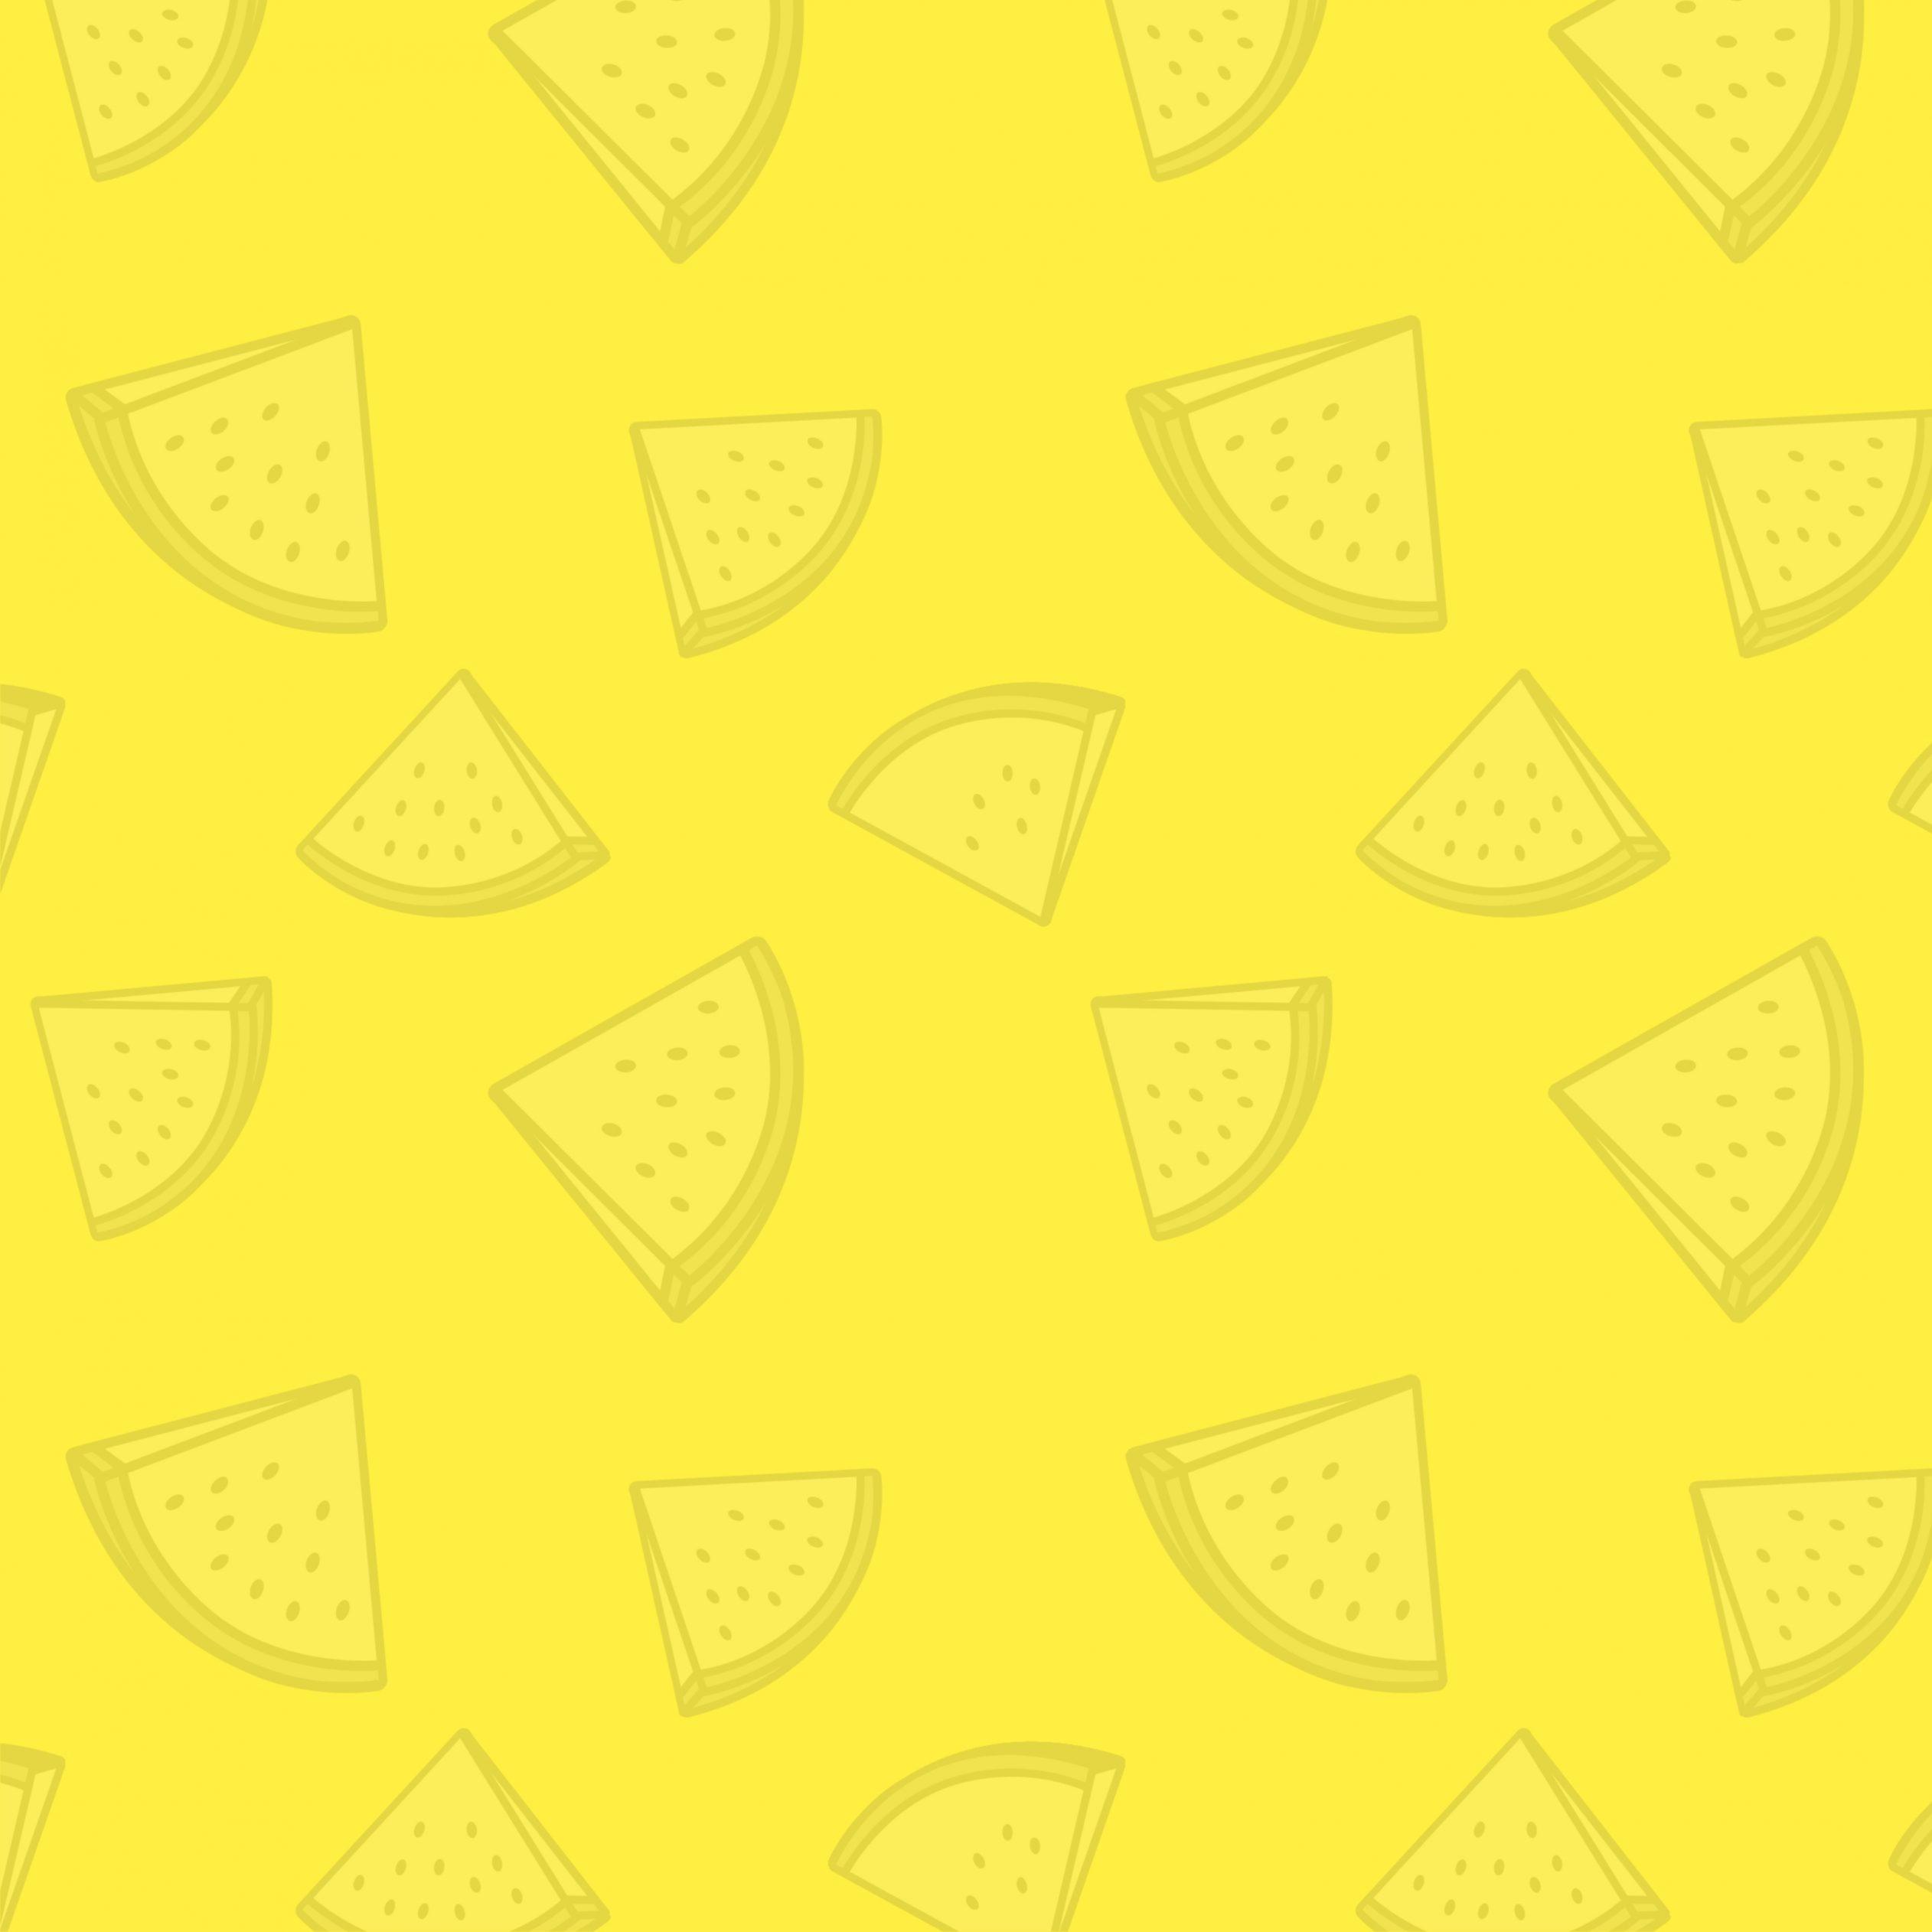 2524x2524 Parallax wallpaper 4k Watermelon Pattern Yellow iPad Wallpaper 2524x2524 pixels resolution